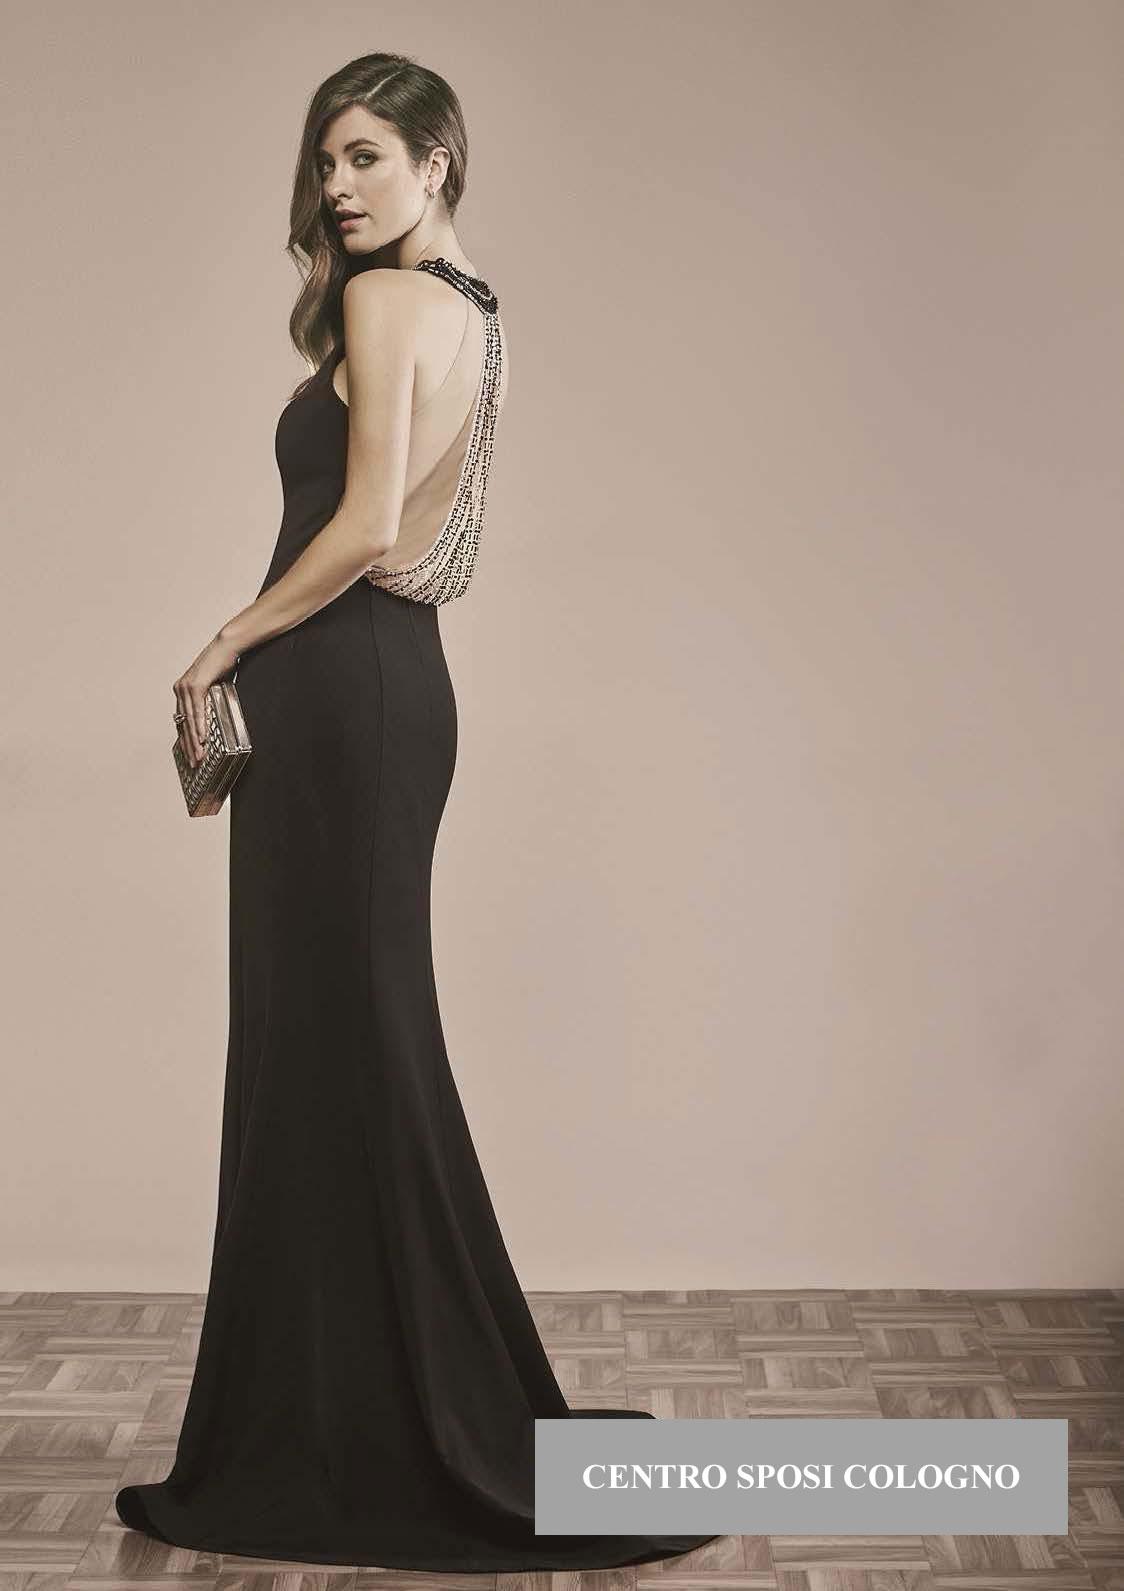 5bcf174d4f51 Pronto moda abiti cerimonia donna Milano - Centro Sposi Cologno